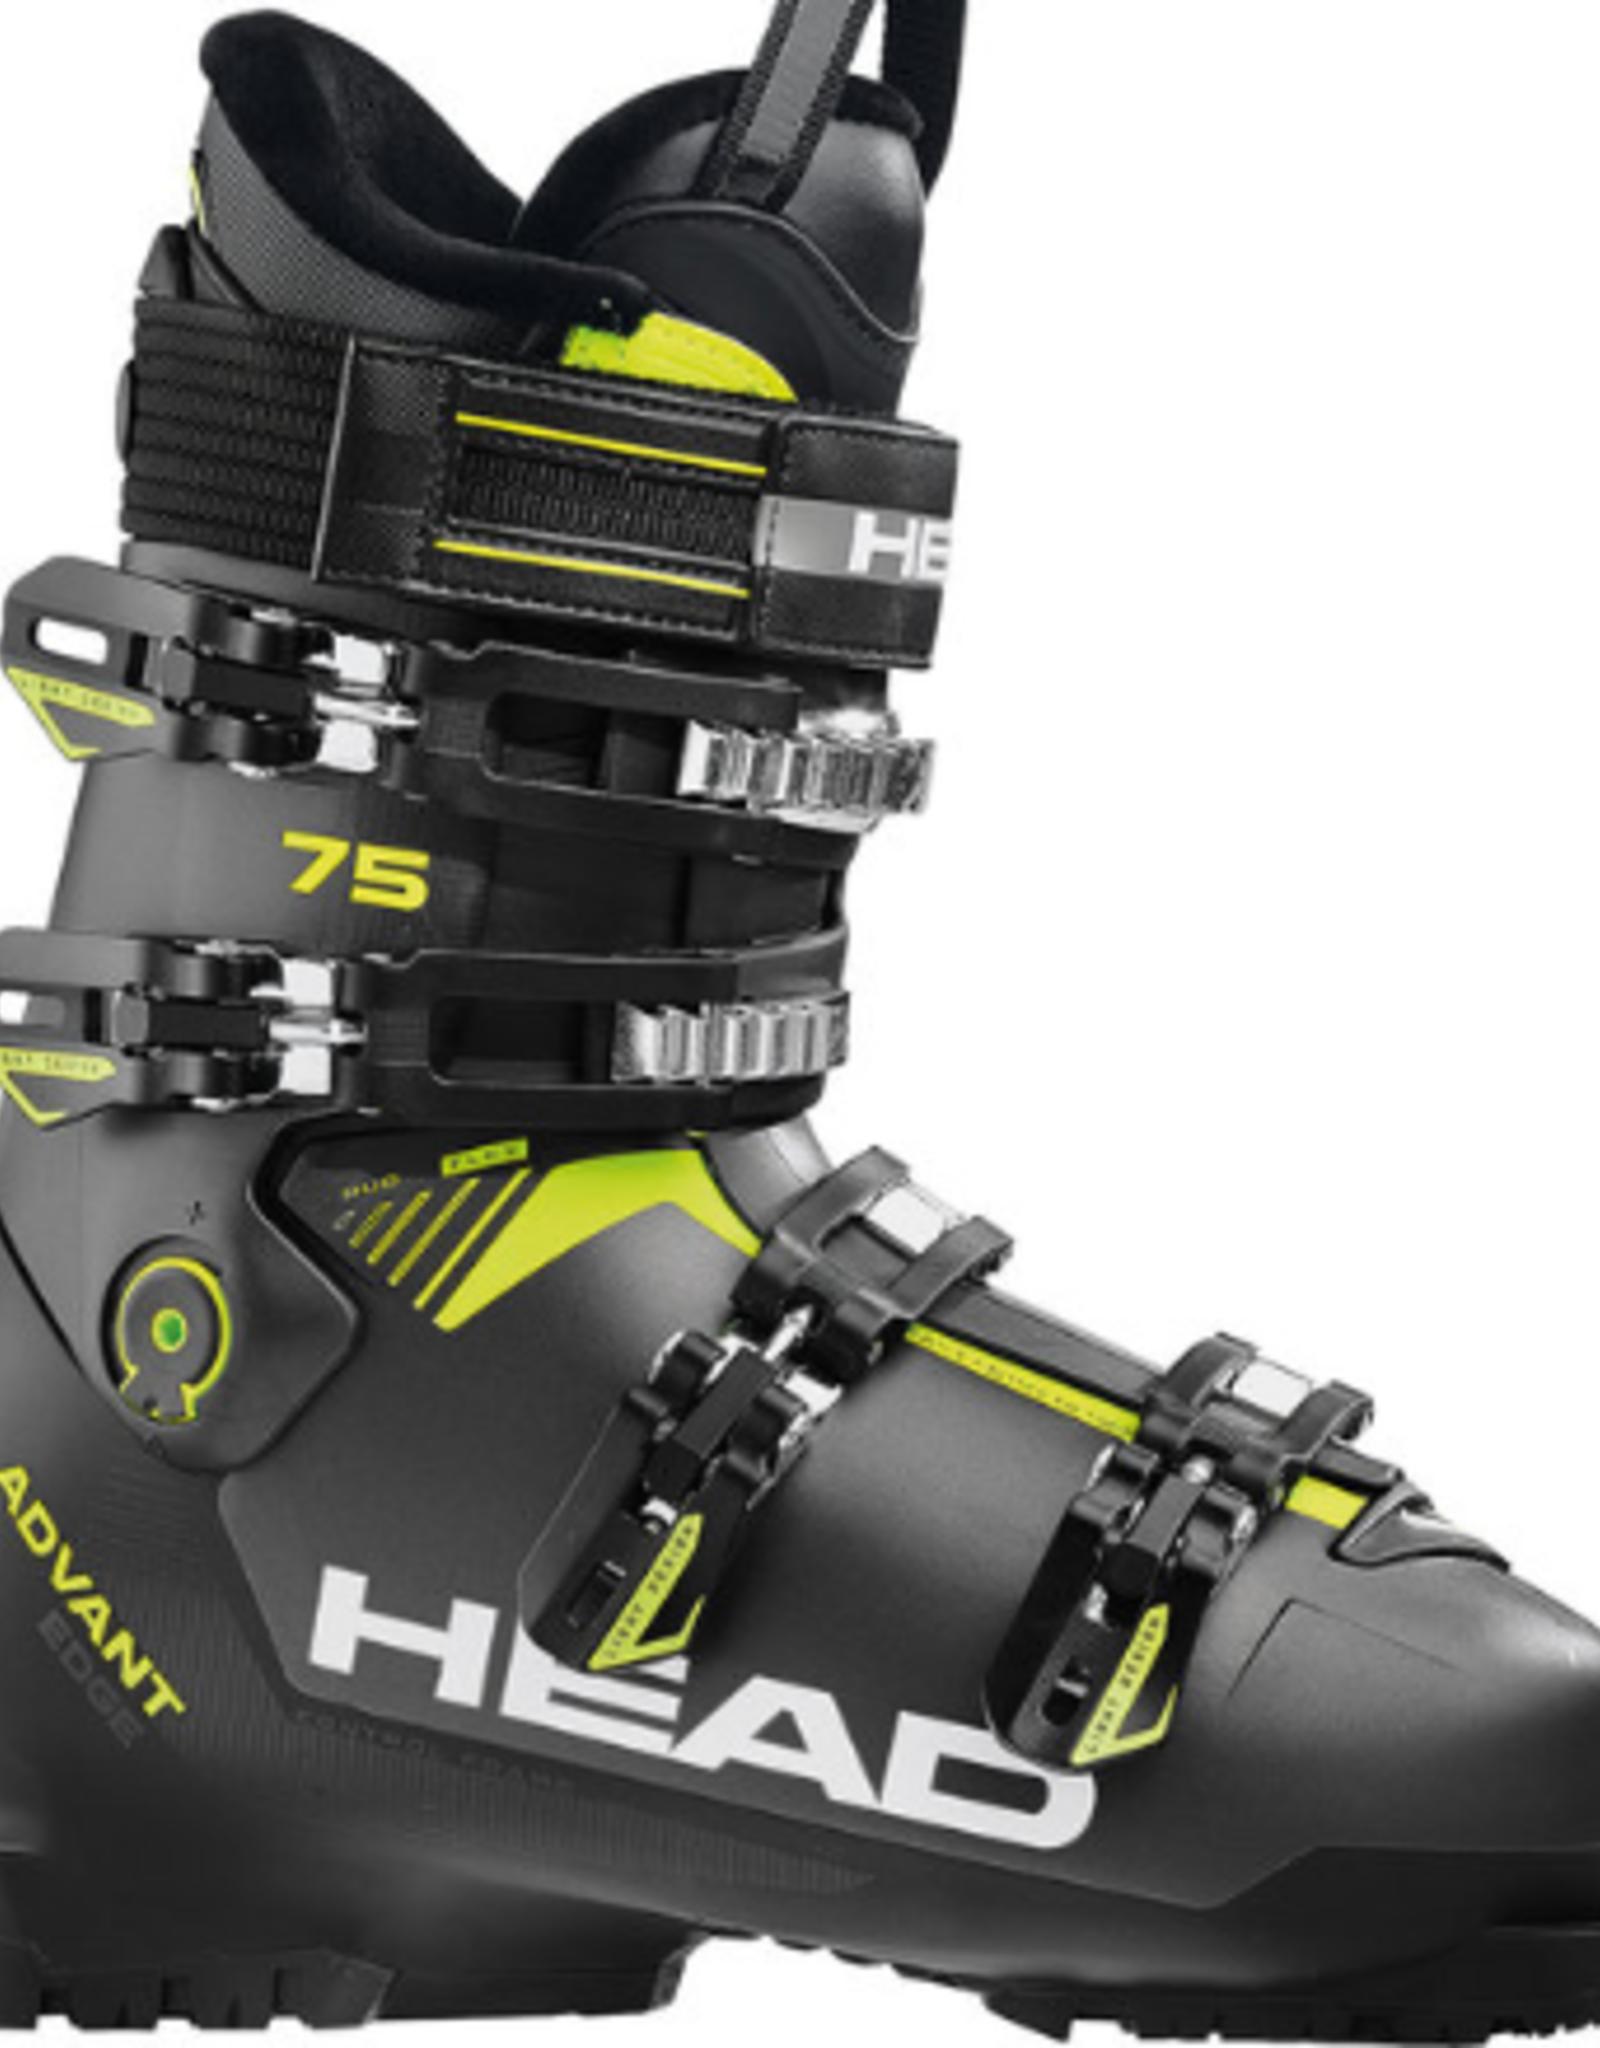 Head Ski Boots Advant Edge 75